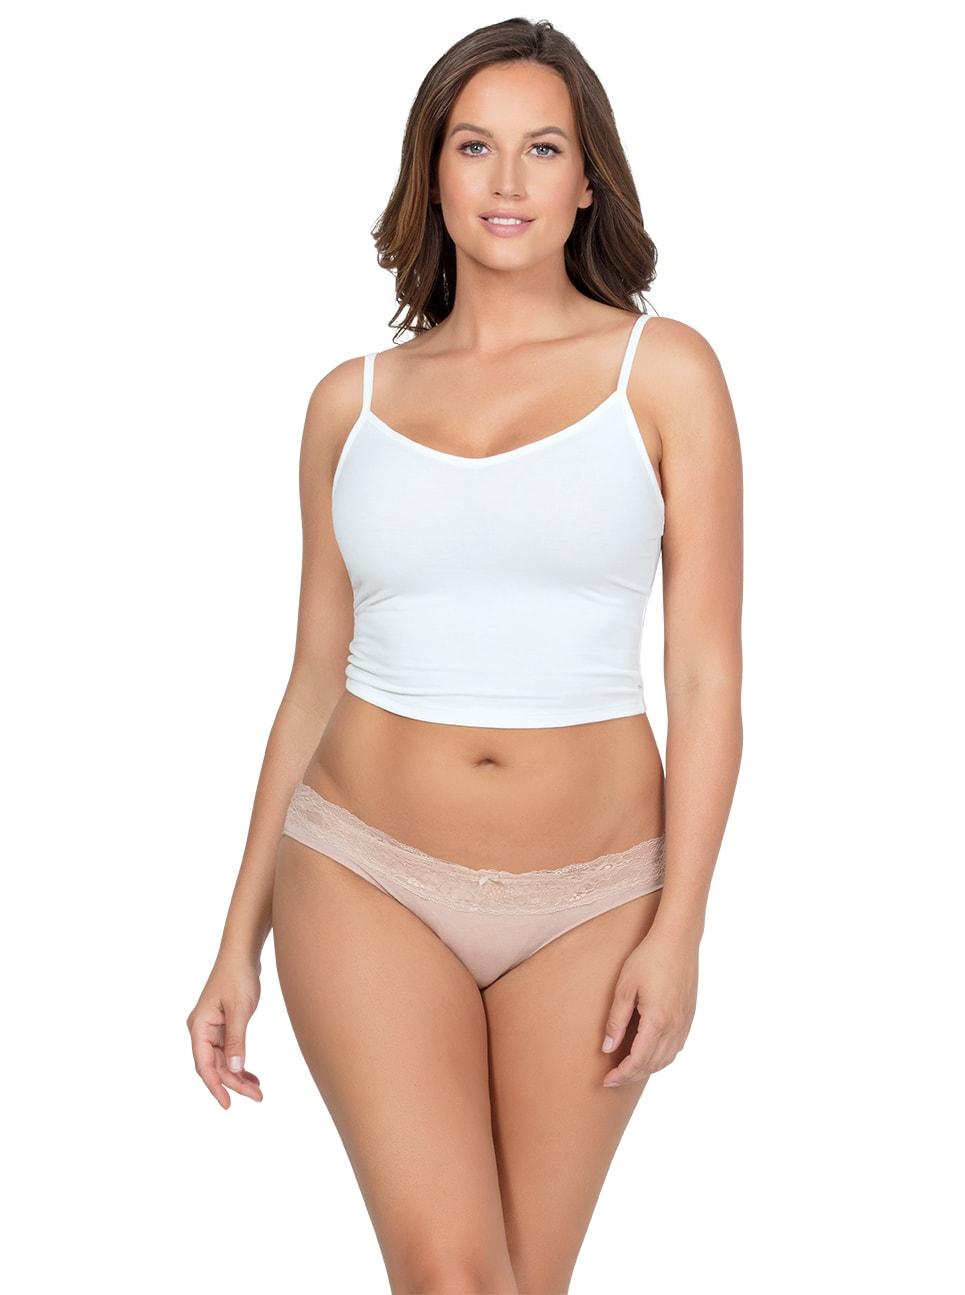 PARFAIT ParfaitPanty SoEssential BikiniPP303 Bare Front - Panty So Essential Bikini- Bare - PP303